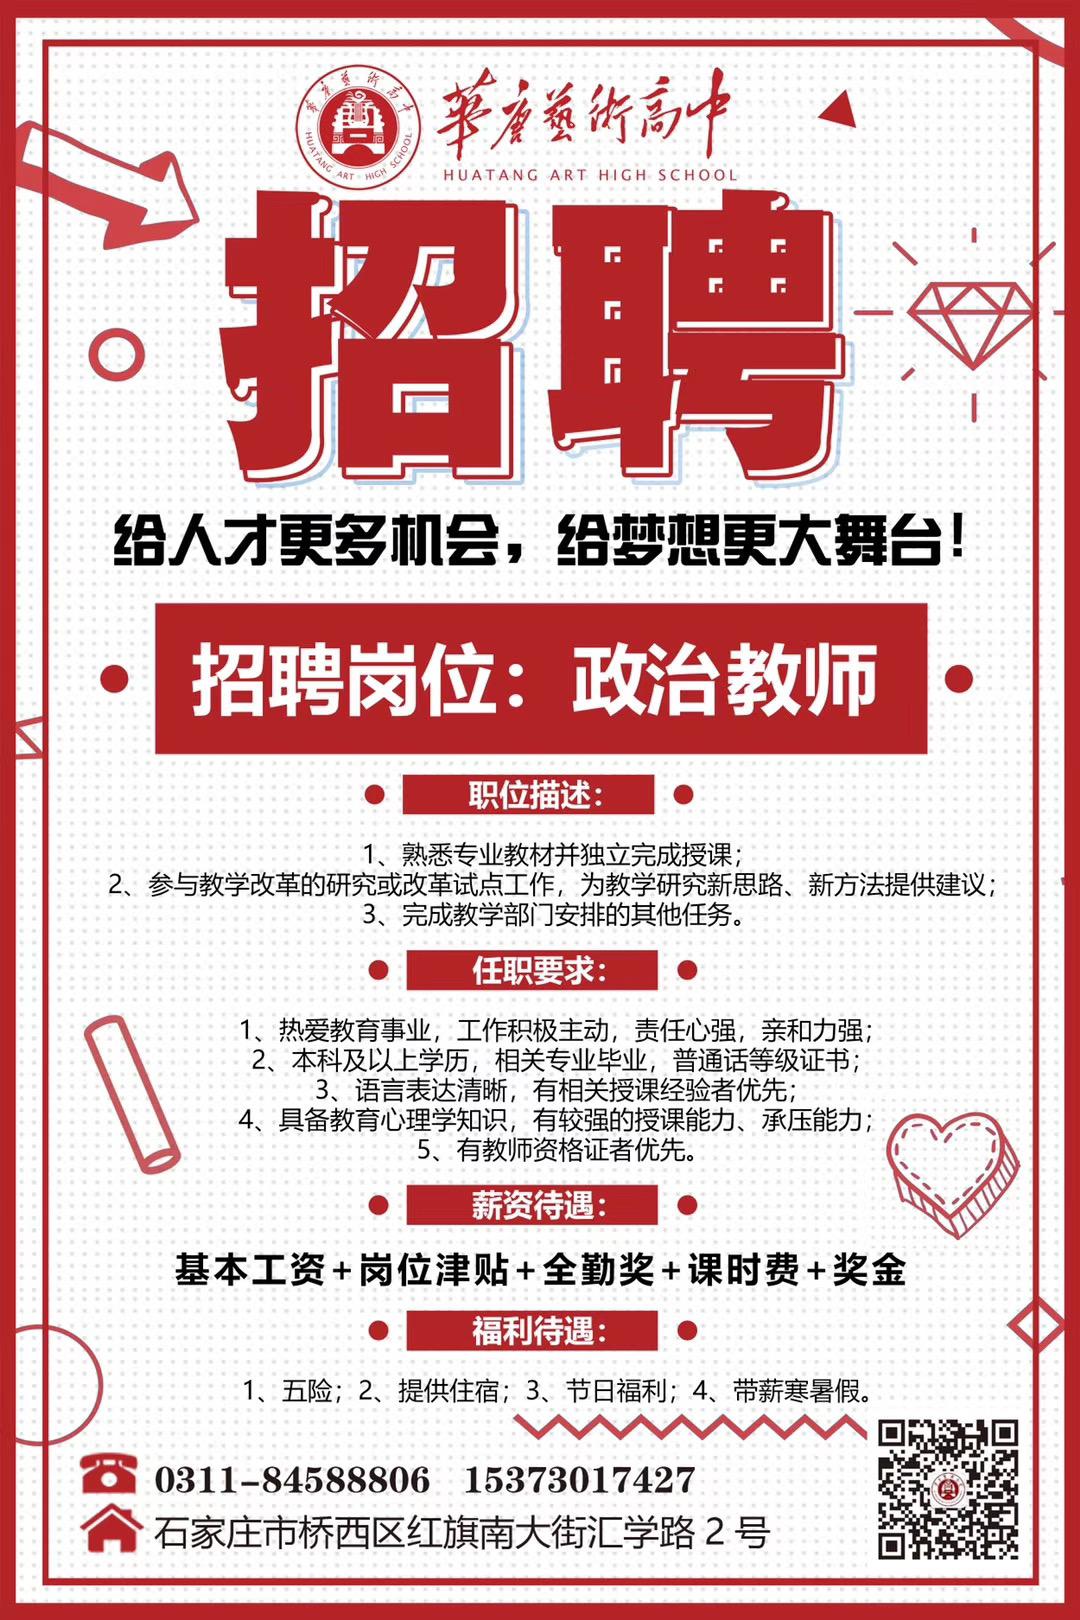 188体育平台:華唐藝術高中招聘